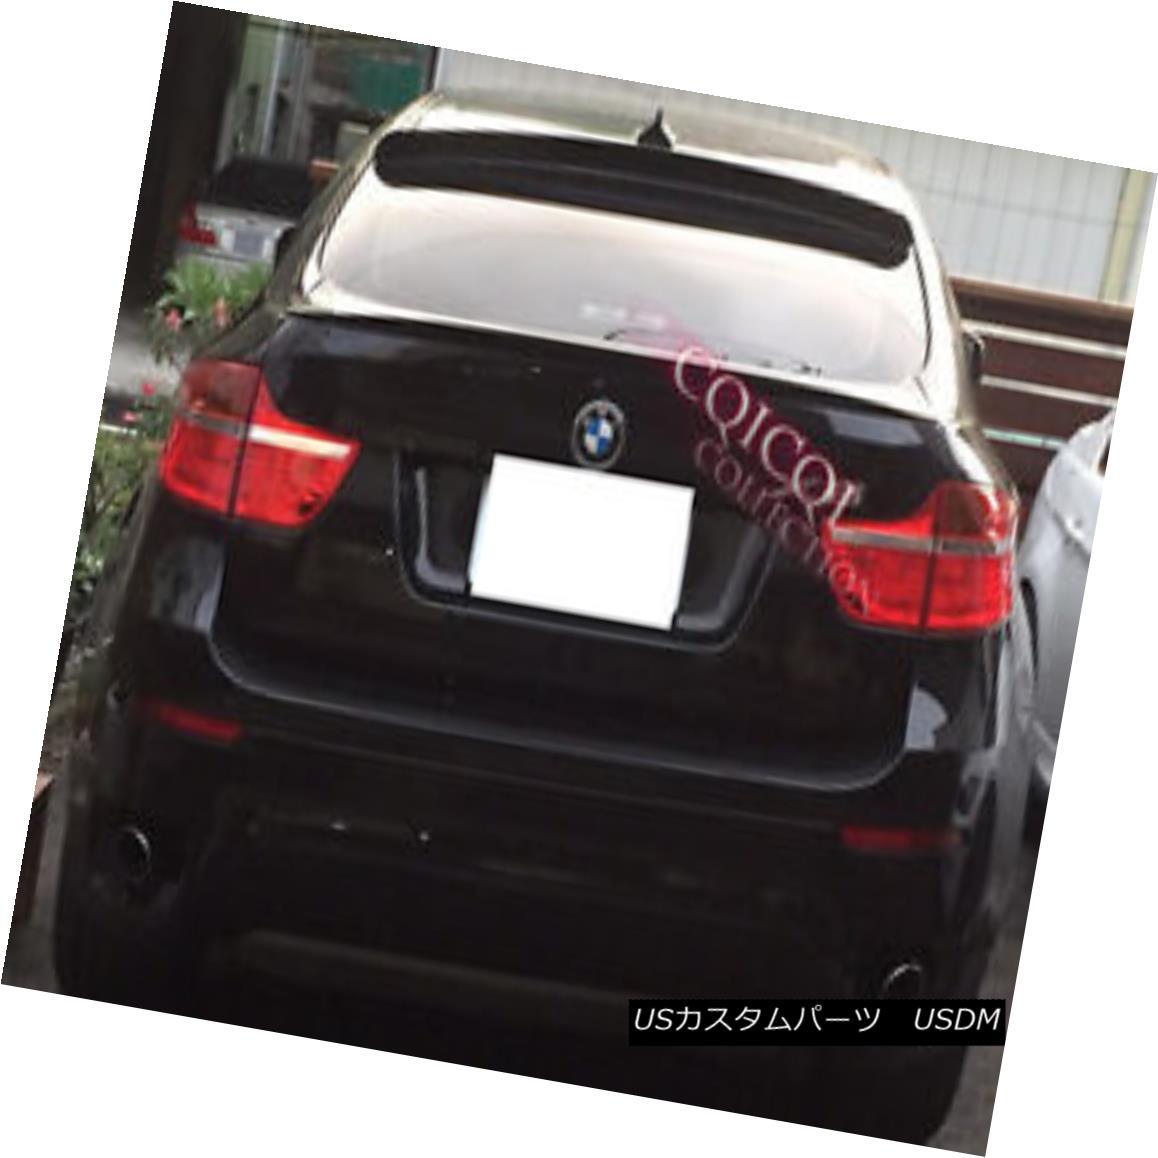 エアロパーツ Painted BMW 07-14 E71 X6 Performance type trunk spoiler color:668 Black ◎ ペイントされたBMW 07-14 E71 X6パフォーマンスタイプのトランクスポイラーの色:668黒?